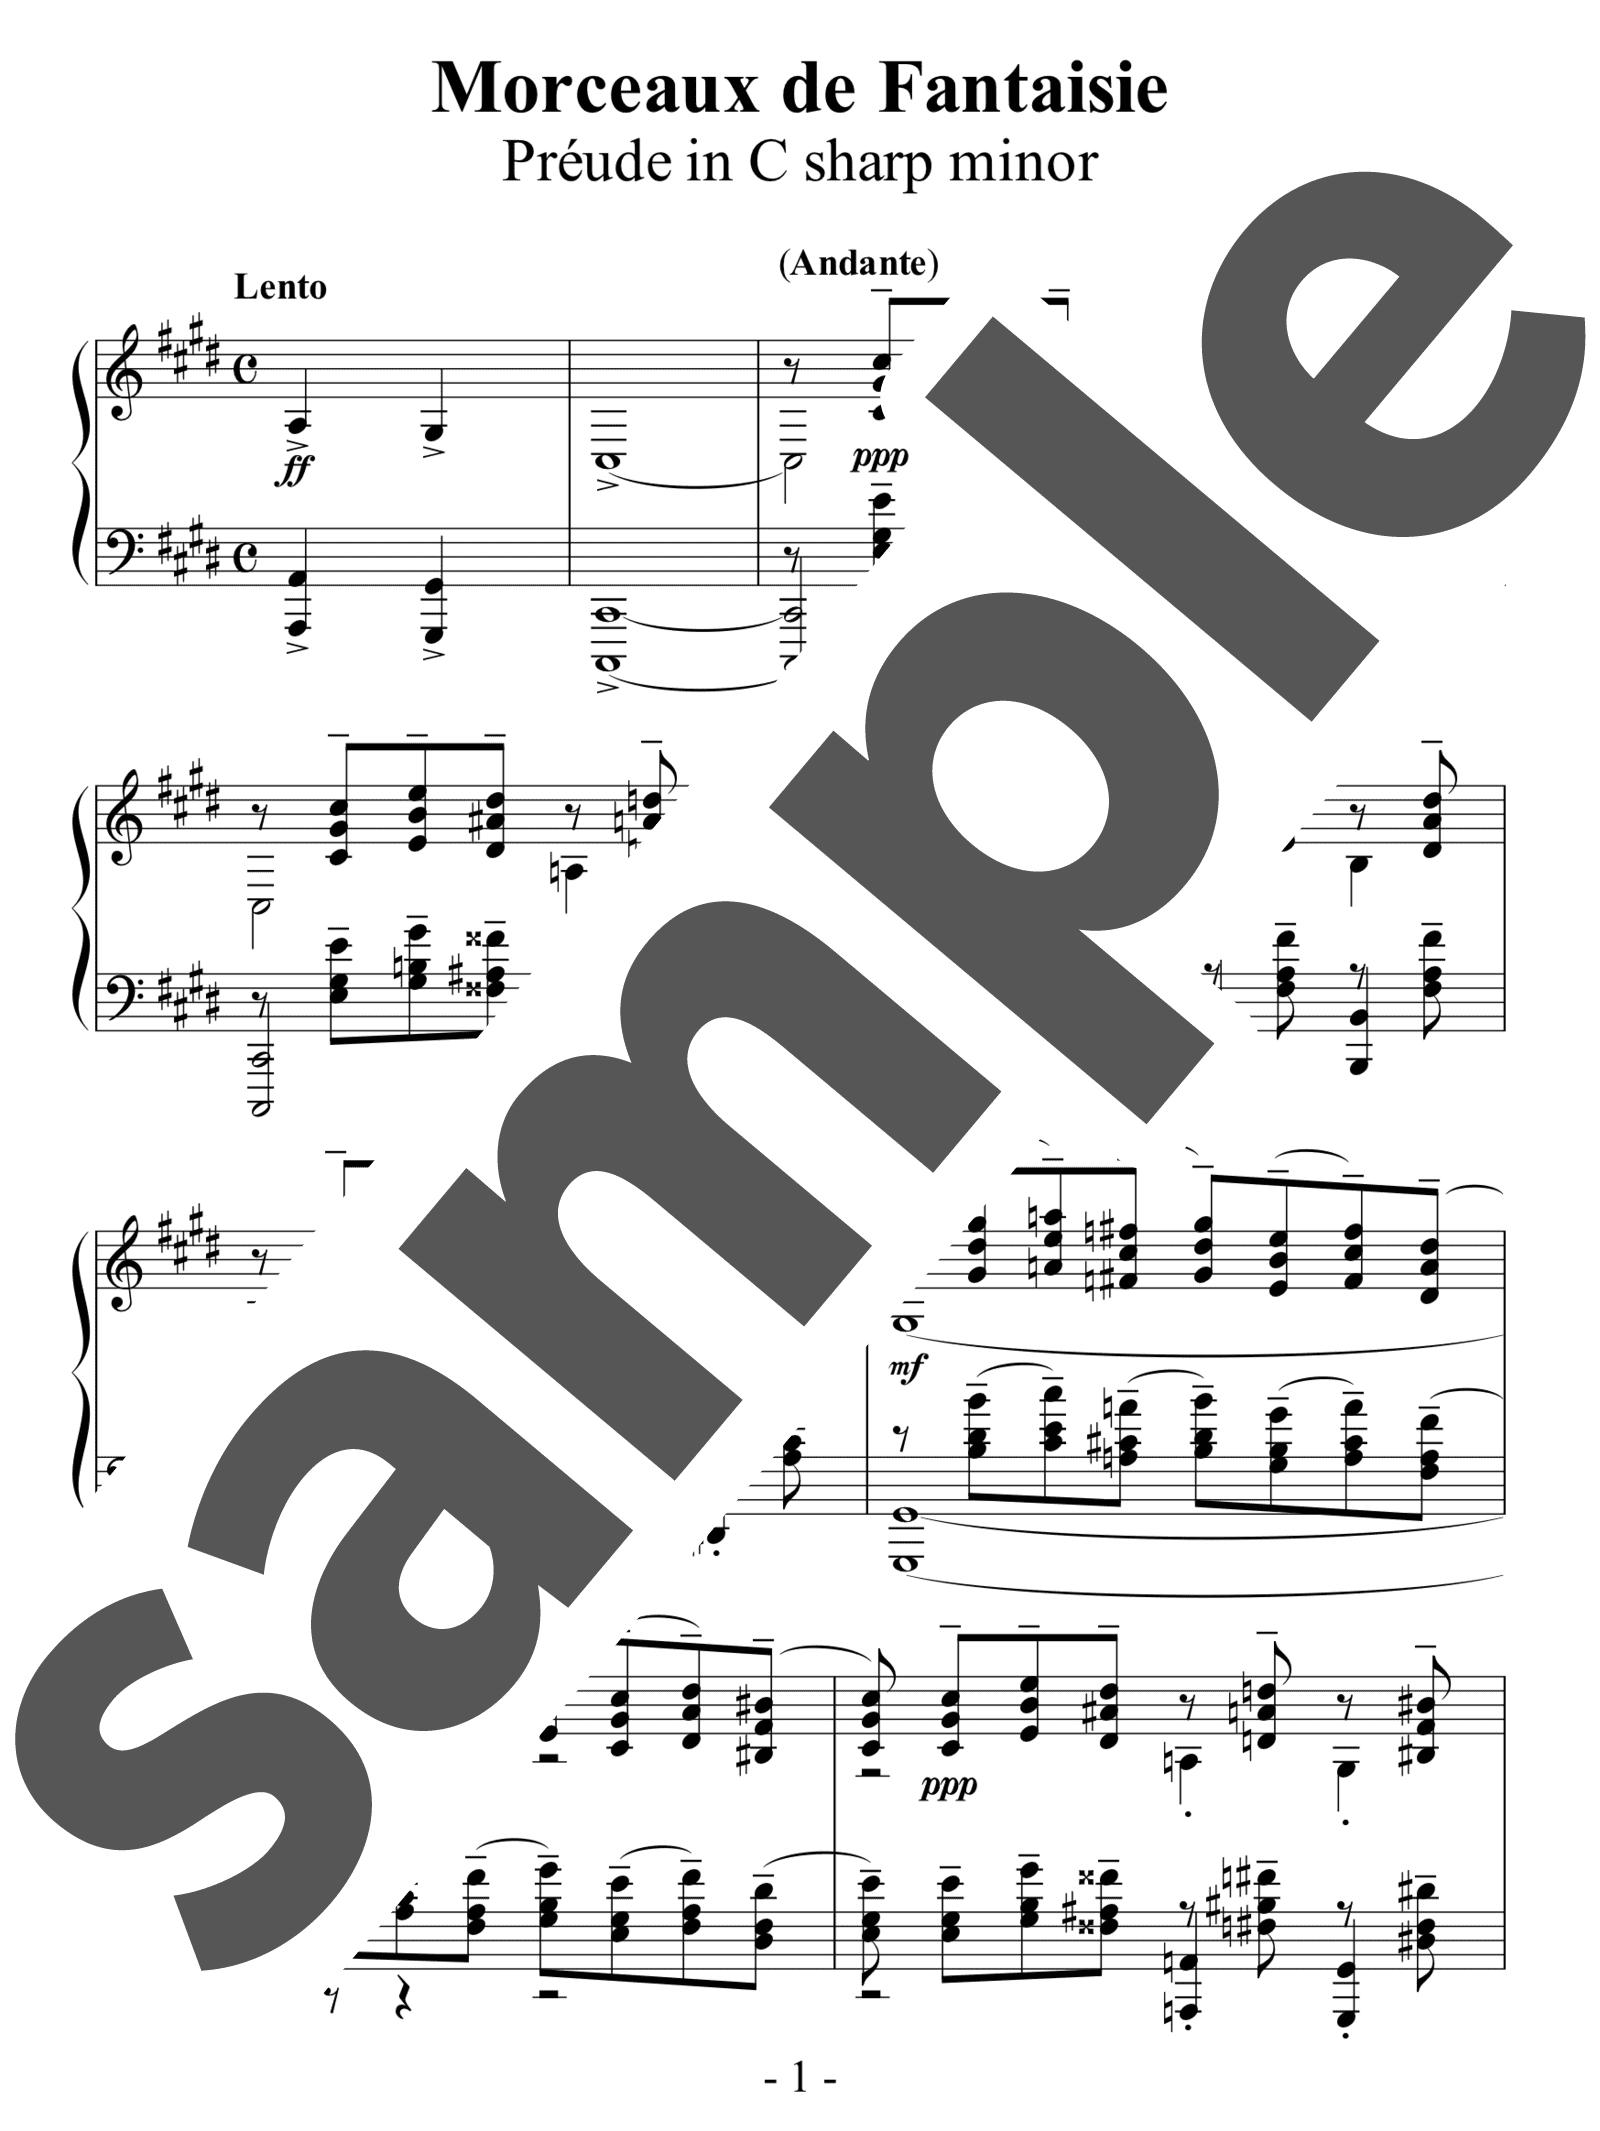 「幻想的小品集より第2番前奏曲嬰ハ短調 鐘」のサンプル楽譜